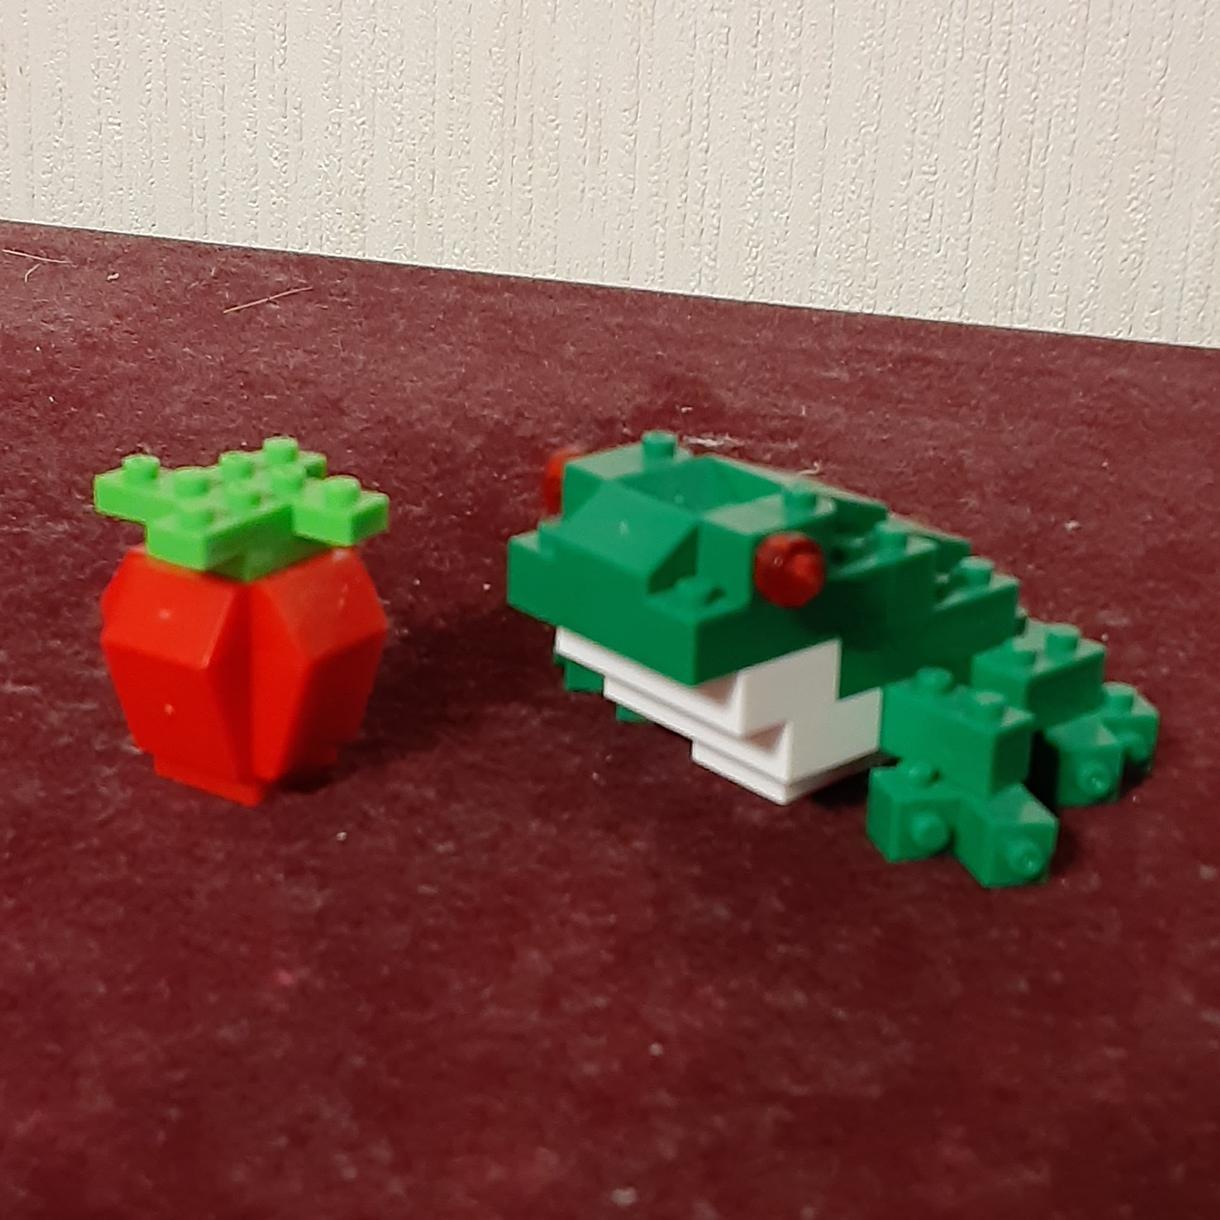 各種ブロック玩具をあなたの代わりに組み立てます ナノブロック、レゴブロックなどの組み立てならお任せ! イメージ1